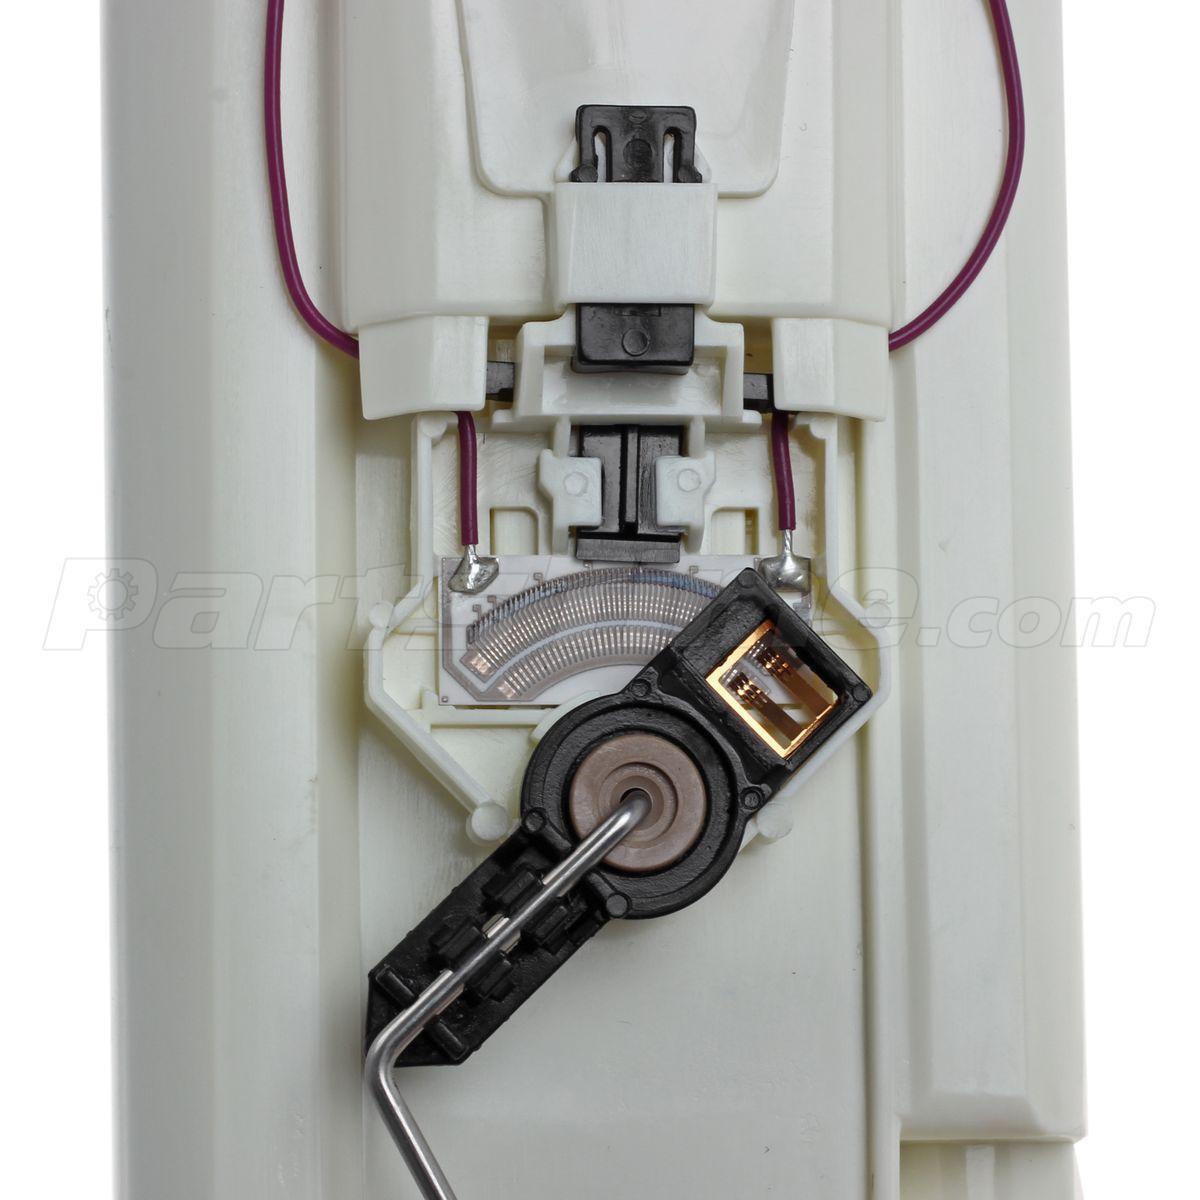 Vw Passat V6 Supercharger Kit: For 00 99 98 Pontiac Grand Prix V6-3.8L Supercharged